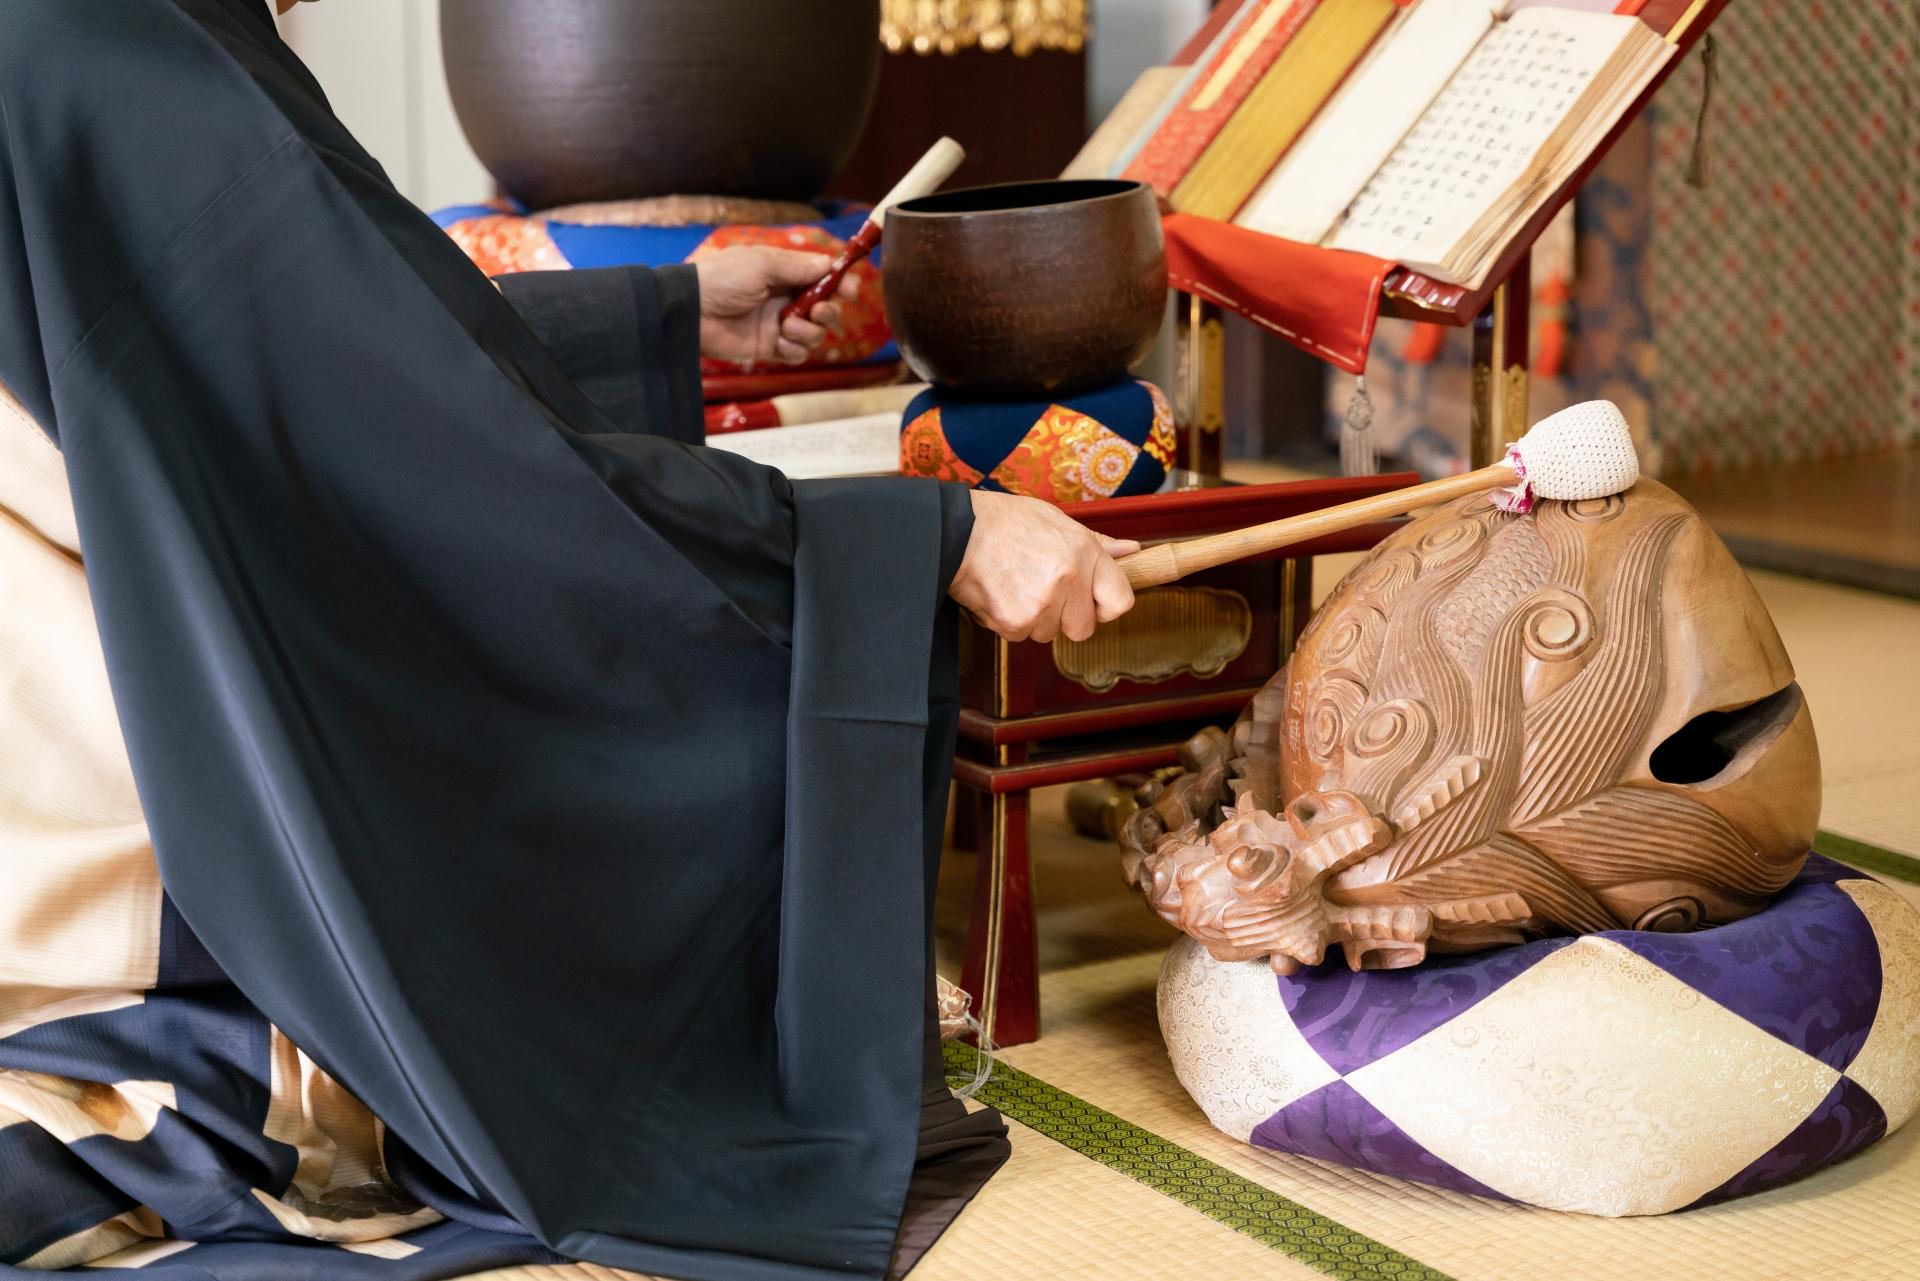 読経を行う僧侶